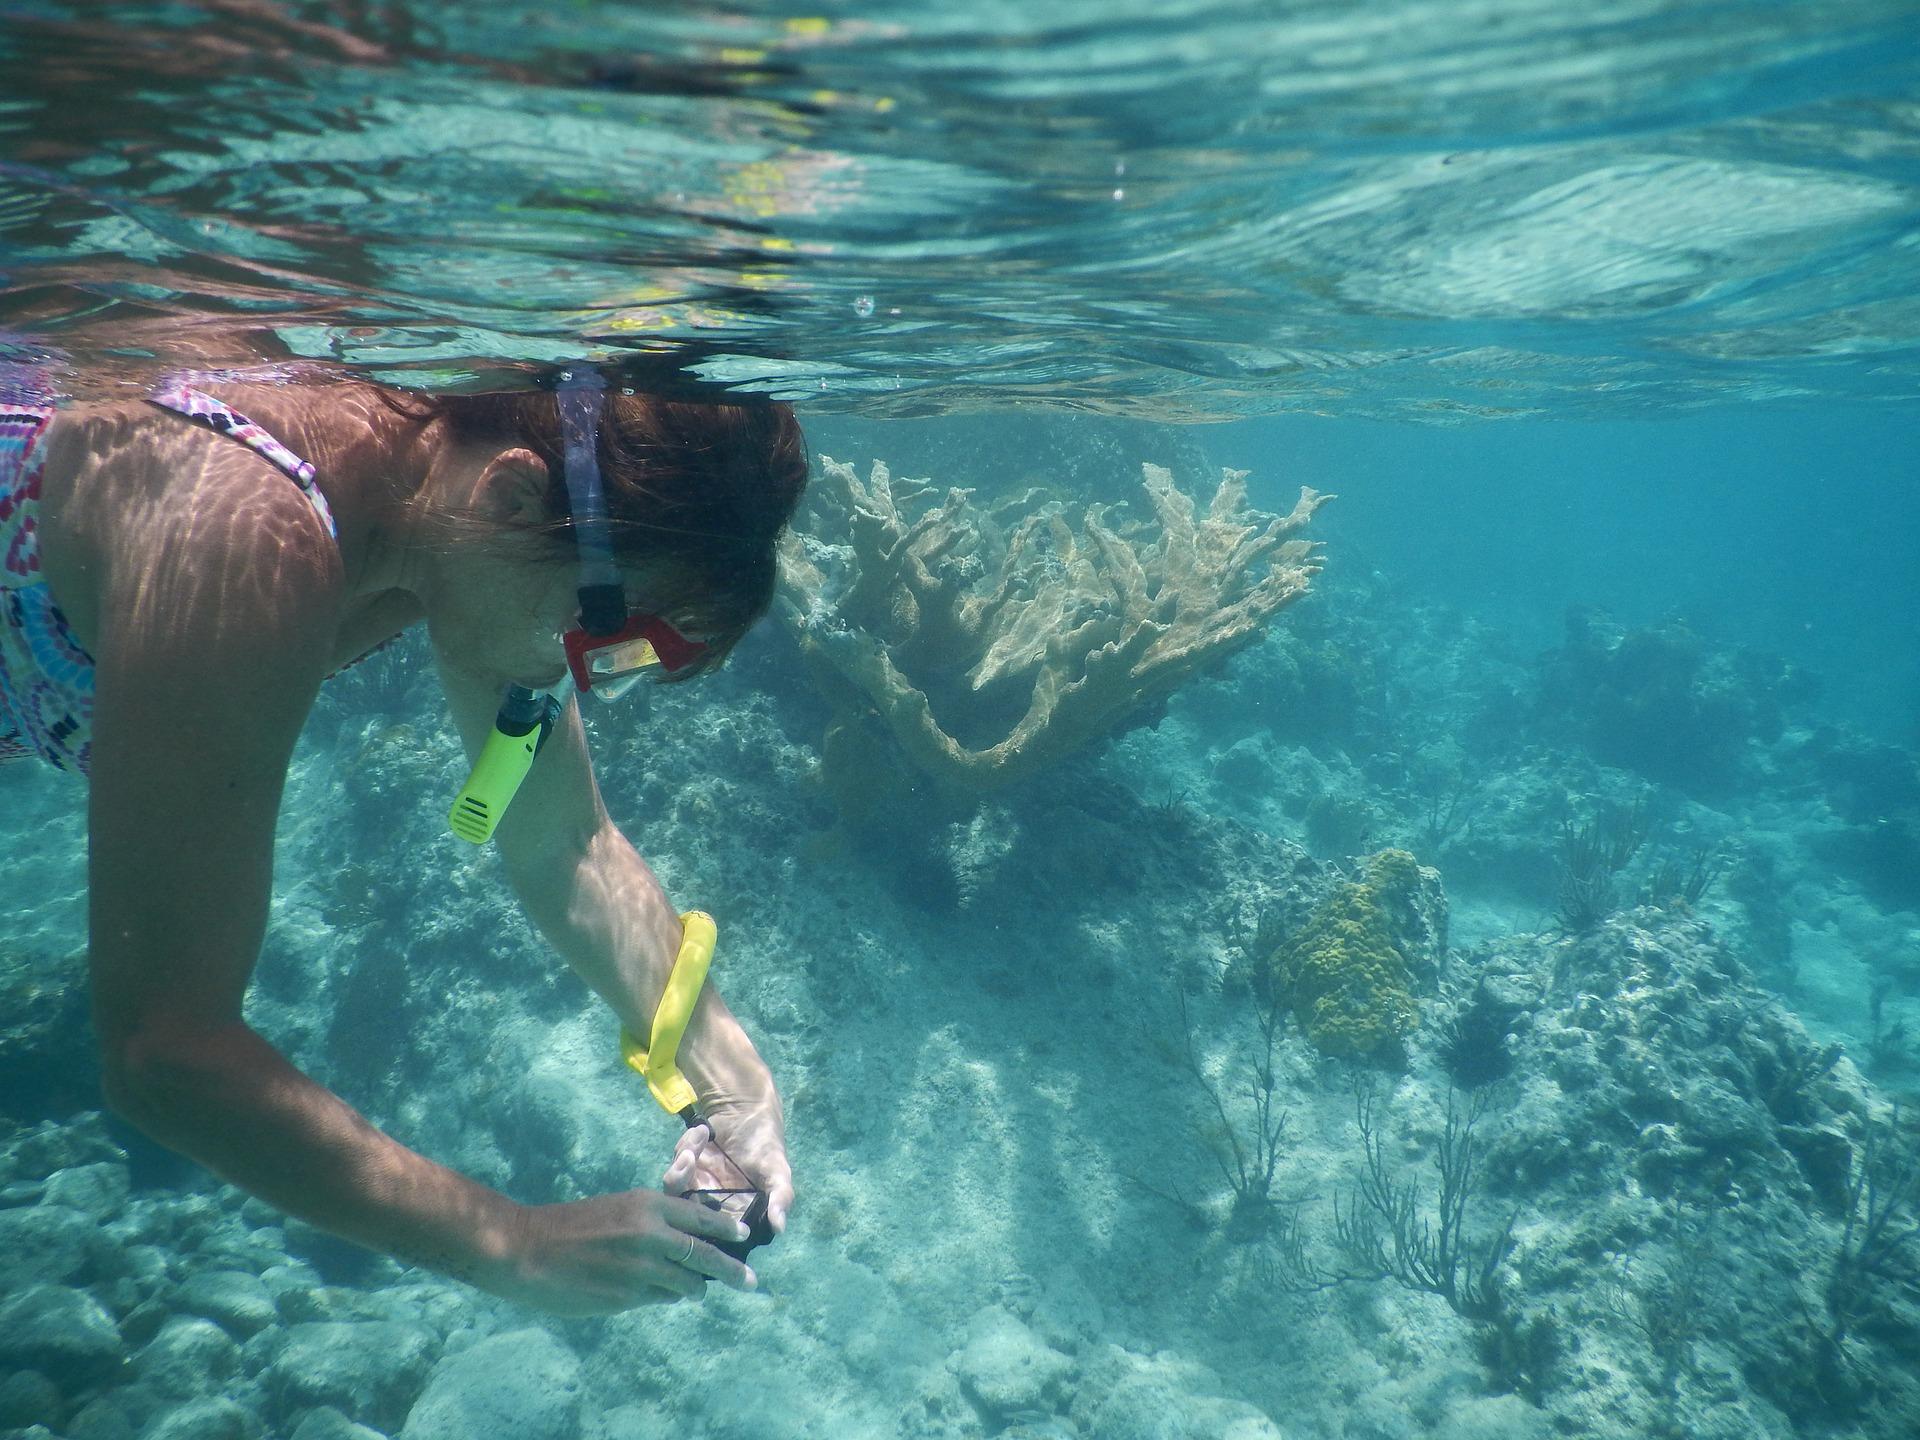 snorkel-1739284_1920.jpg